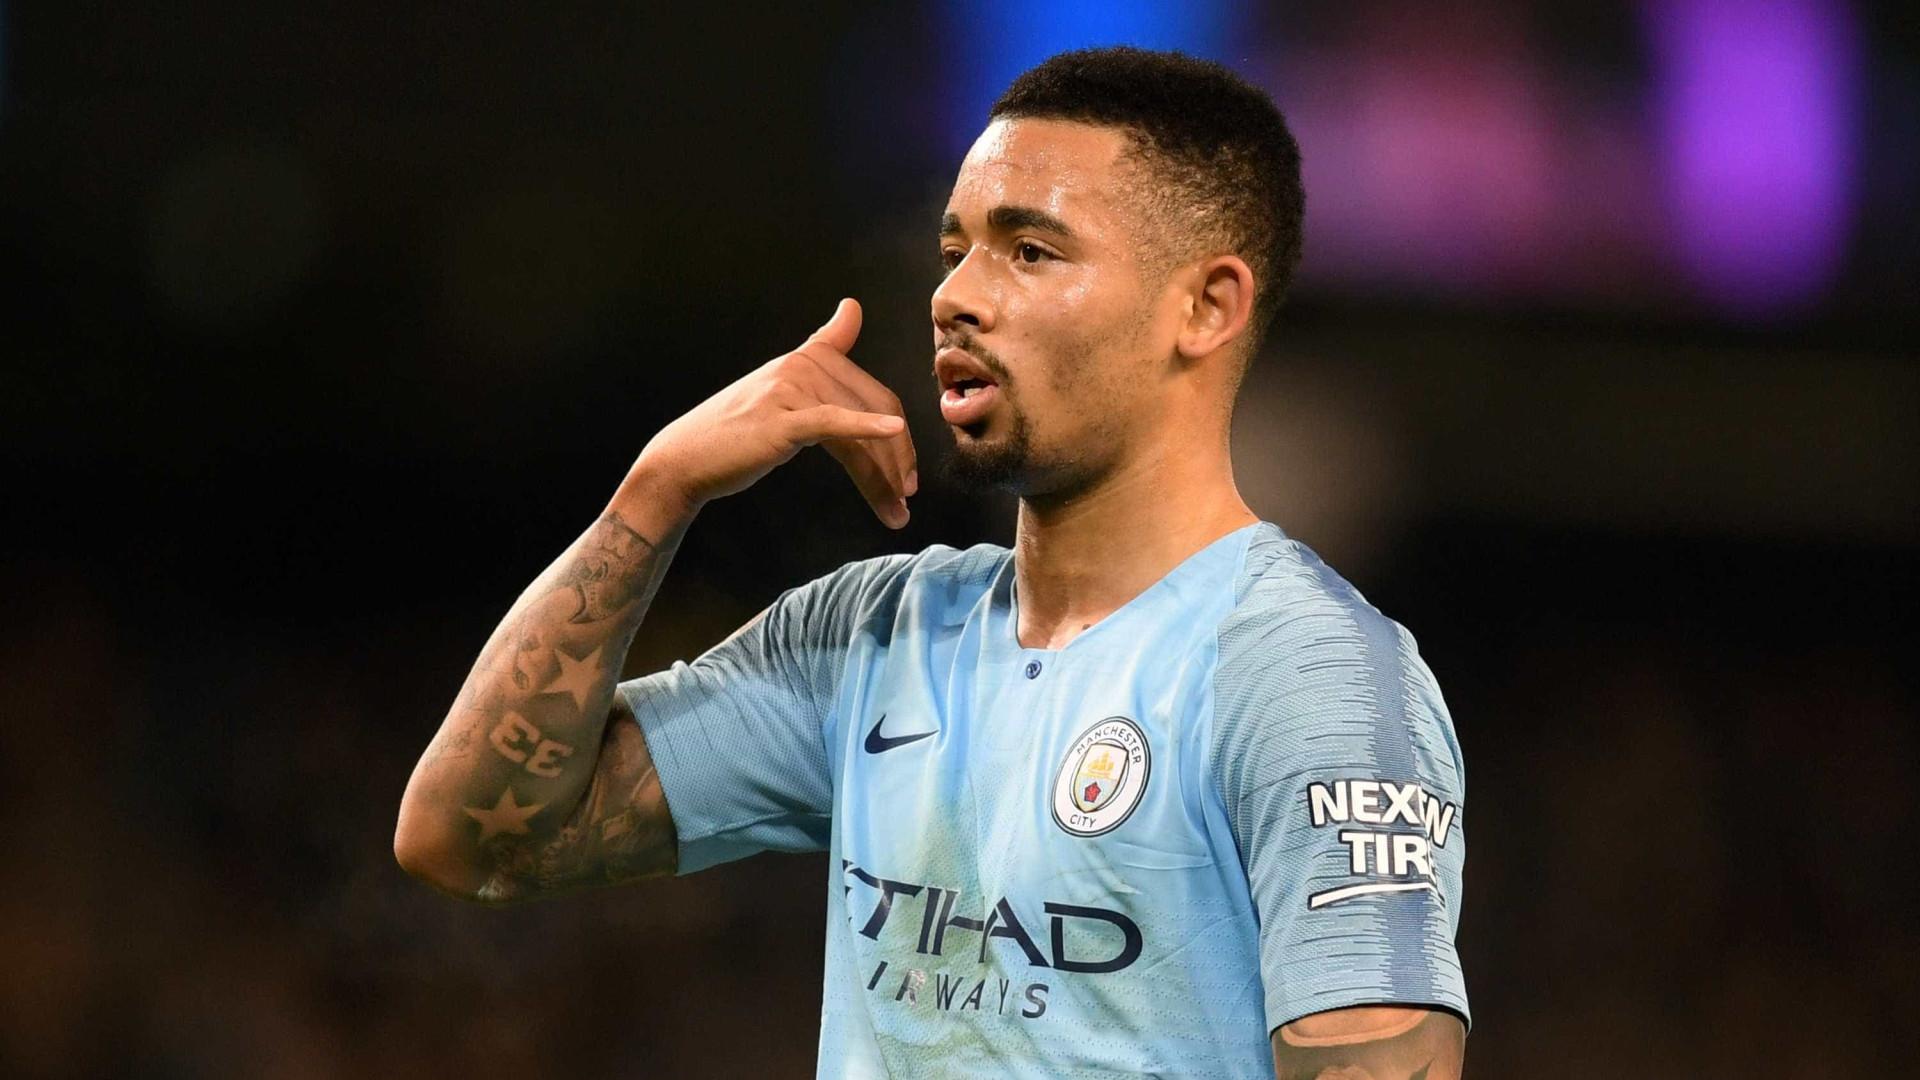 Com dois gols de Jesus, City vence e mantém perseguição ao Liverpool